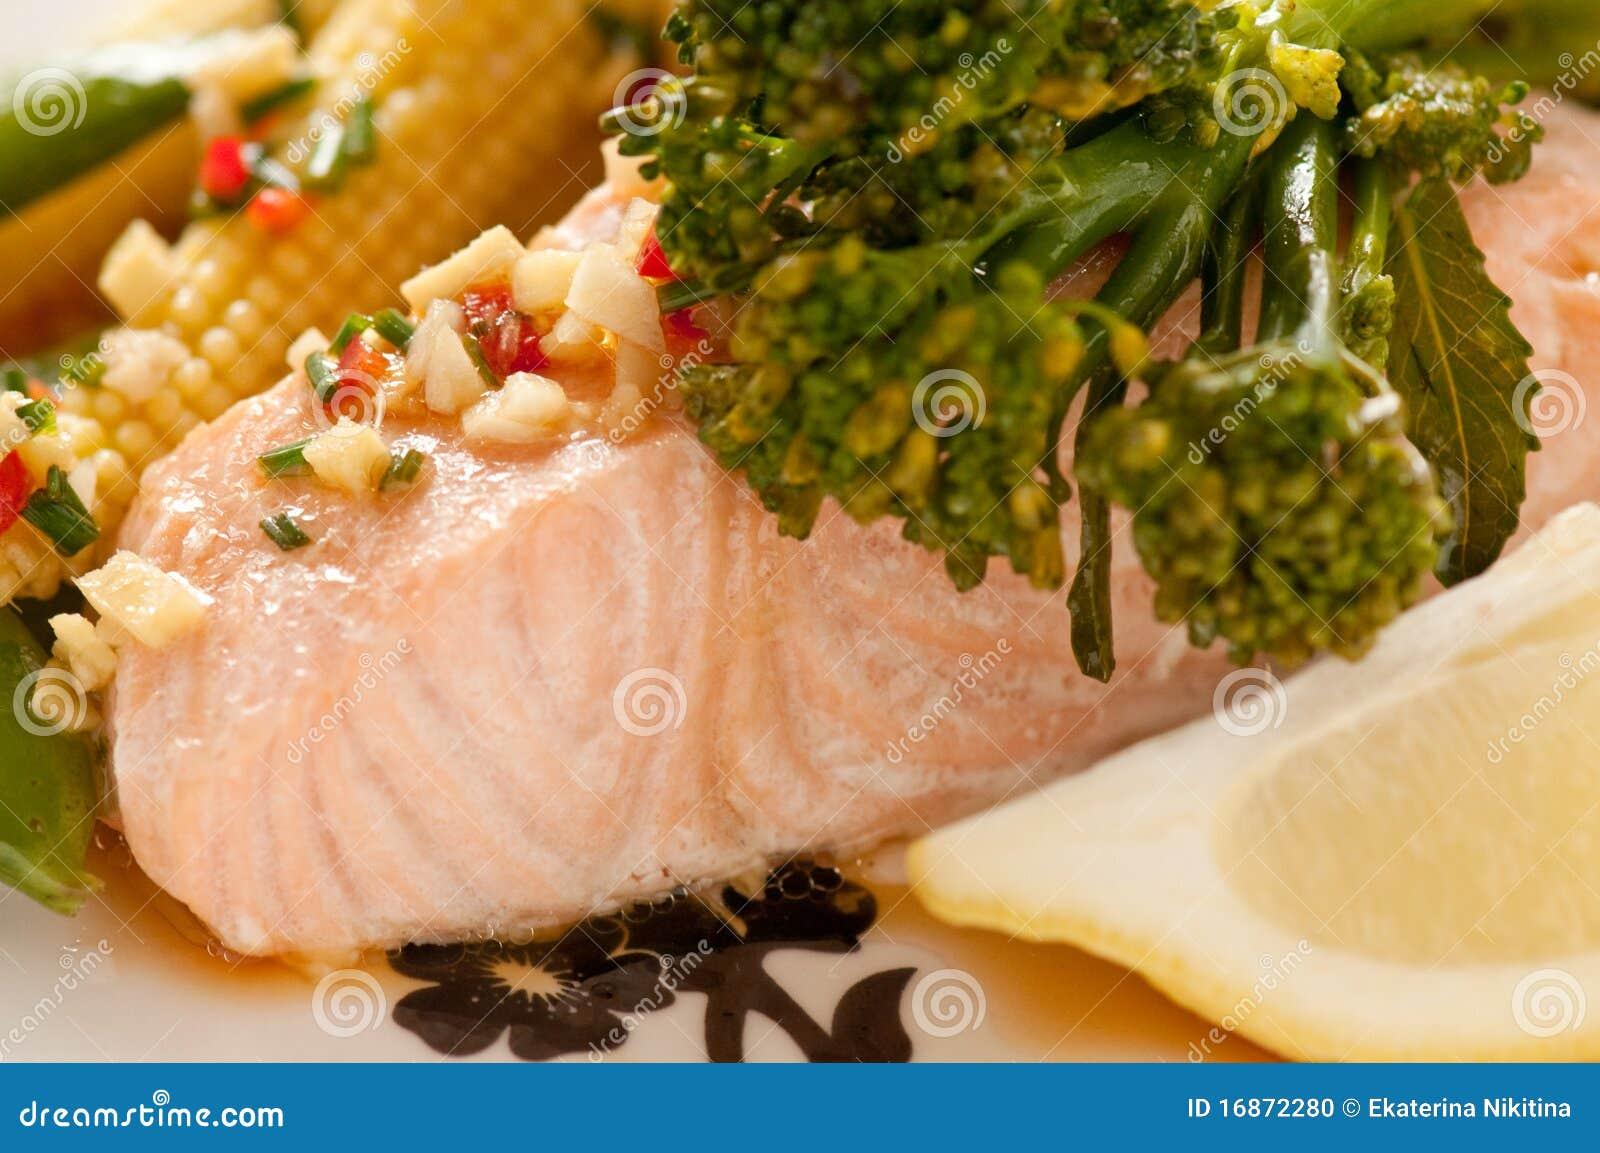 三文鱼蒸了蔬菜